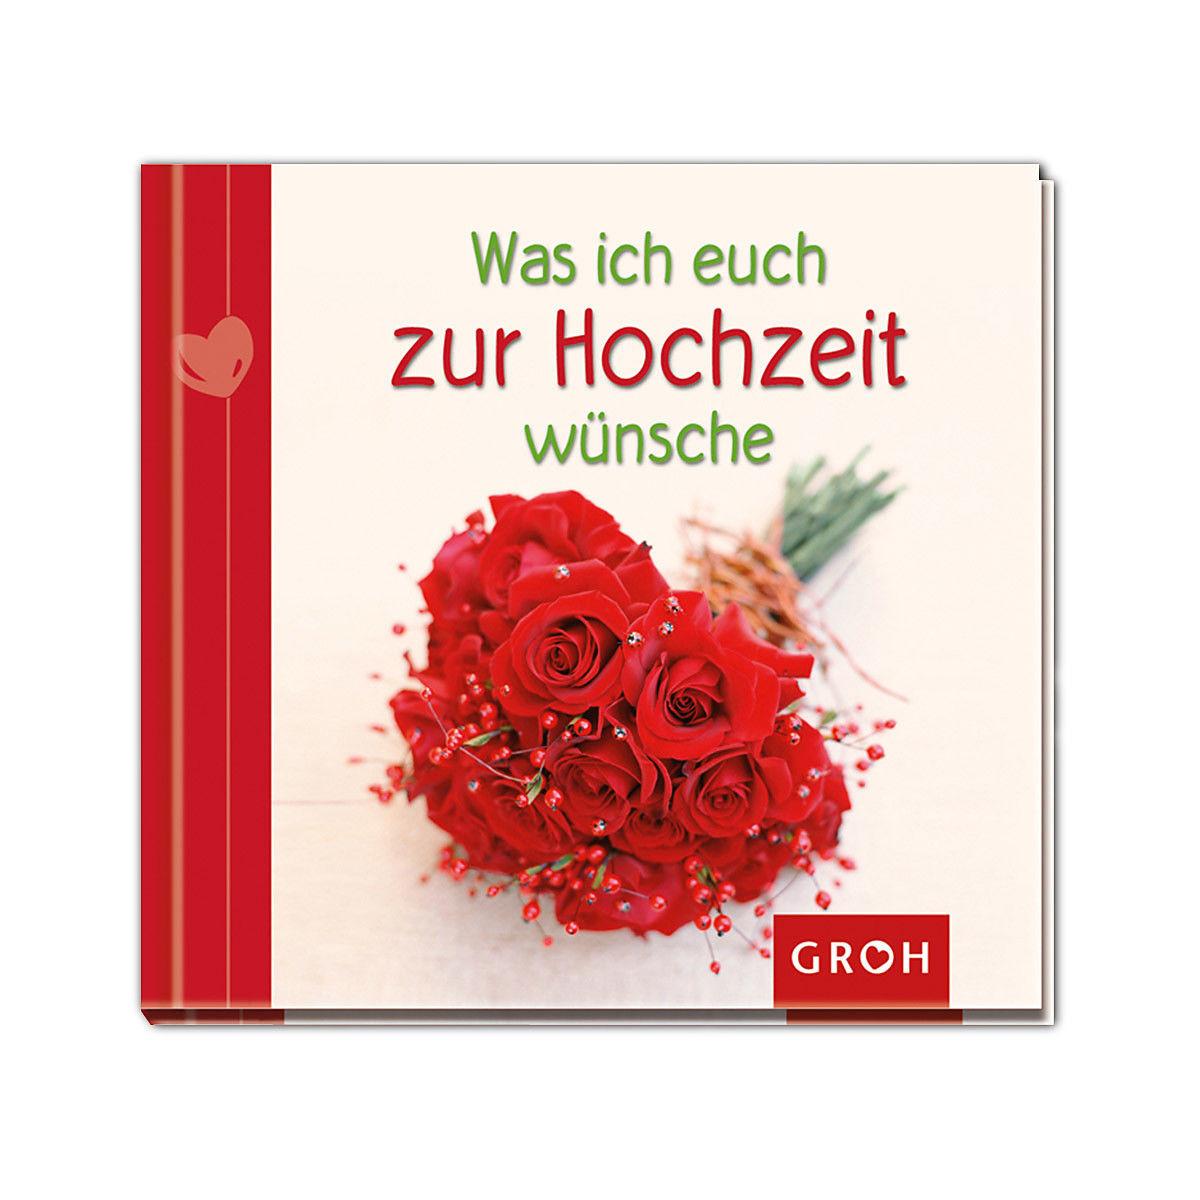 Buch Zur Hochzeit  Buch Was ich euch zur Hochzeit wünsche Depot DE